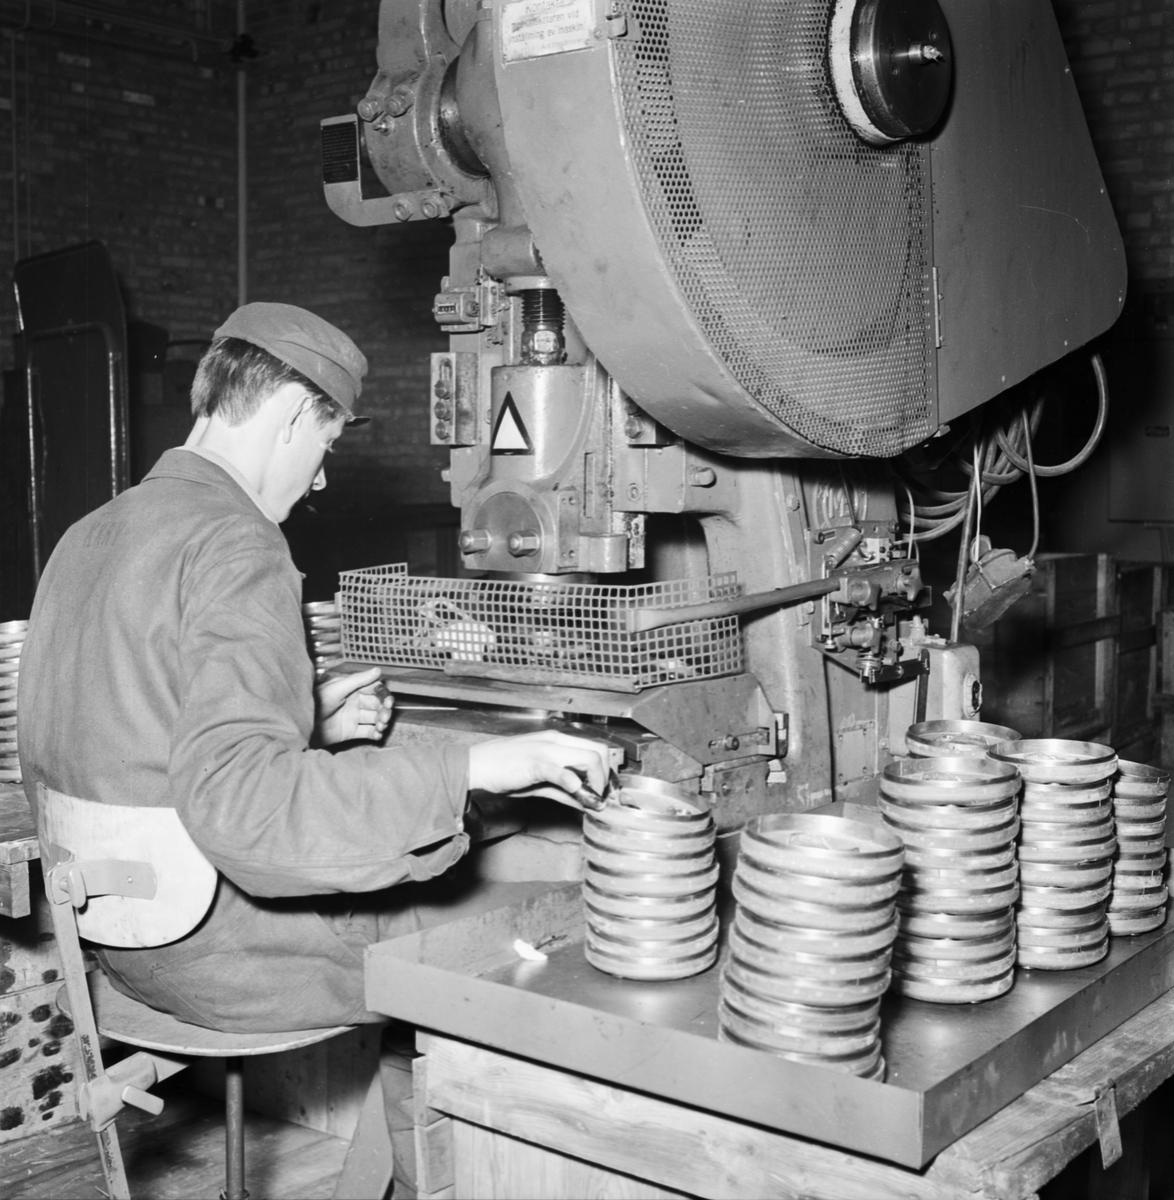 Övrigt: Foto datum: 16/6 1964 Verkstäder och personal. SAAB kåpor art.verkstan